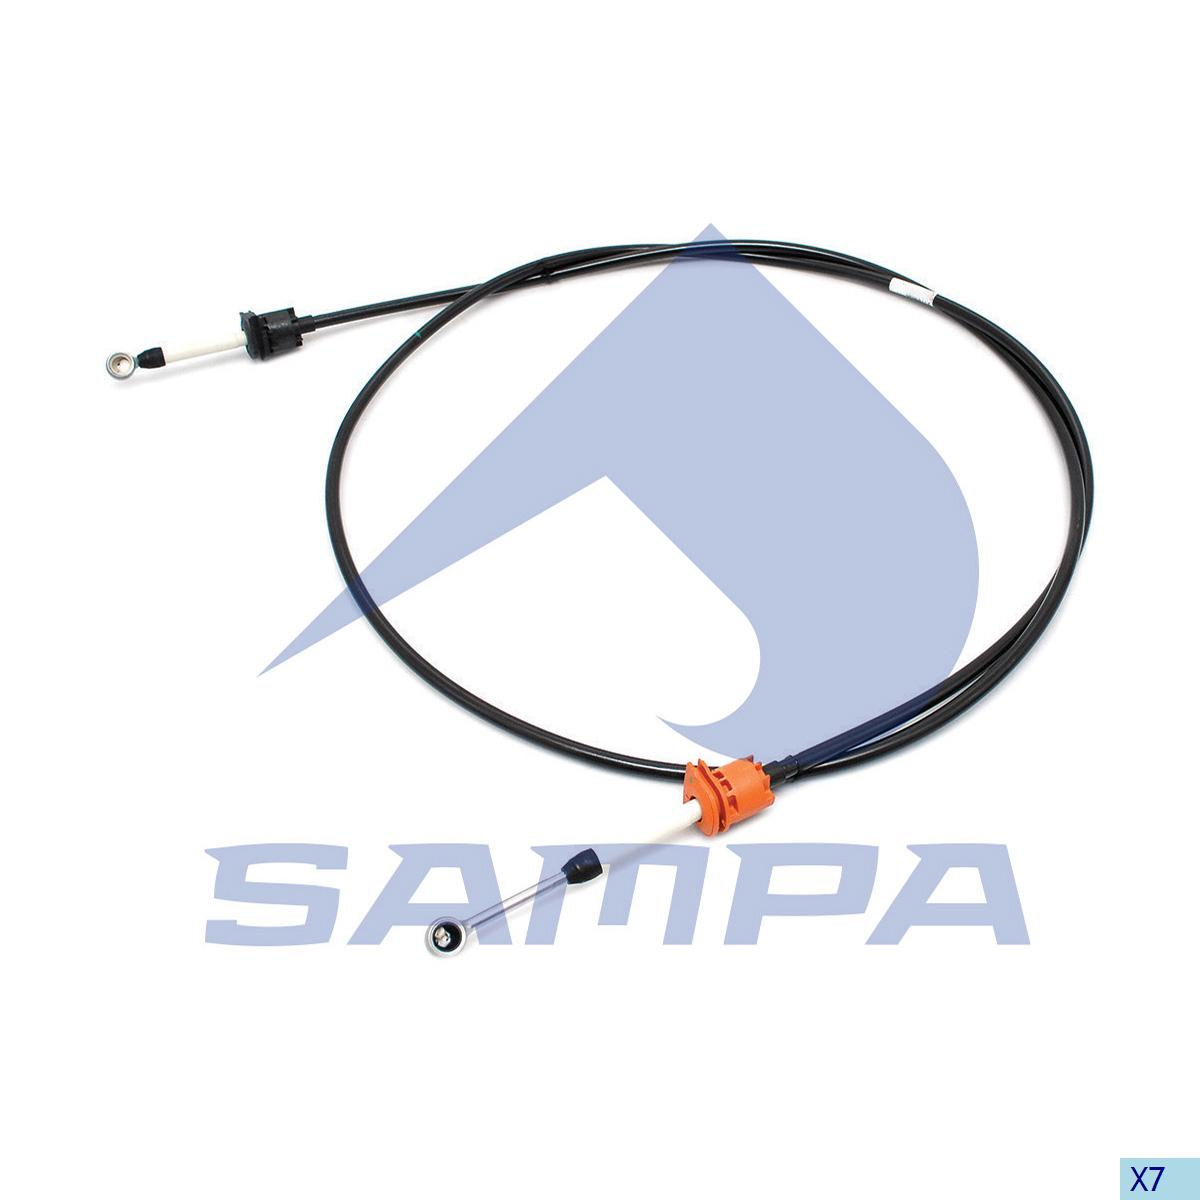 Cable, Gear Shift, Volvo, Gear Box